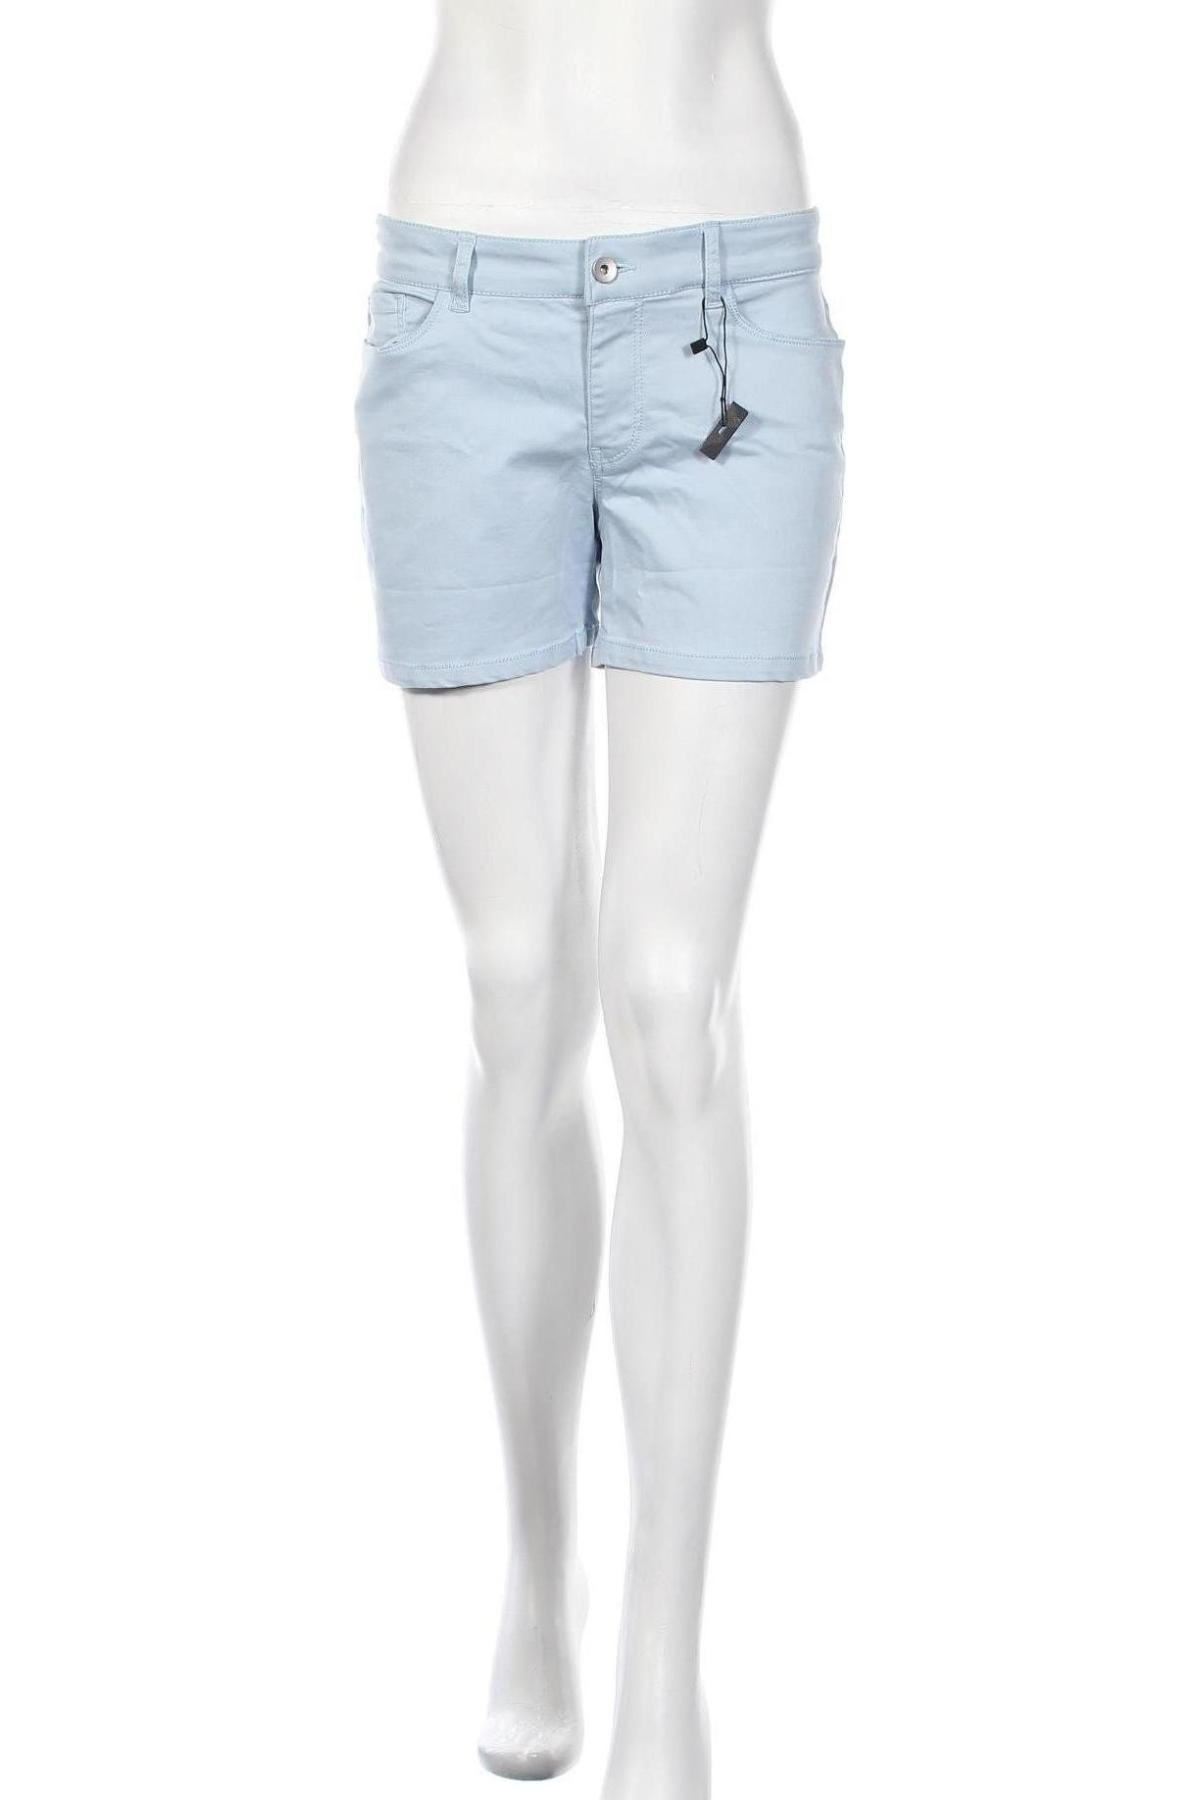 Γυναικείο κοντό παντελόνι Vero Moda, Μέγεθος M, Χρώμα Μπλέ, 62% βαμβάκι, 36% πολυεστέρας, 2% ελαστάνη, Τιμή 13,04€